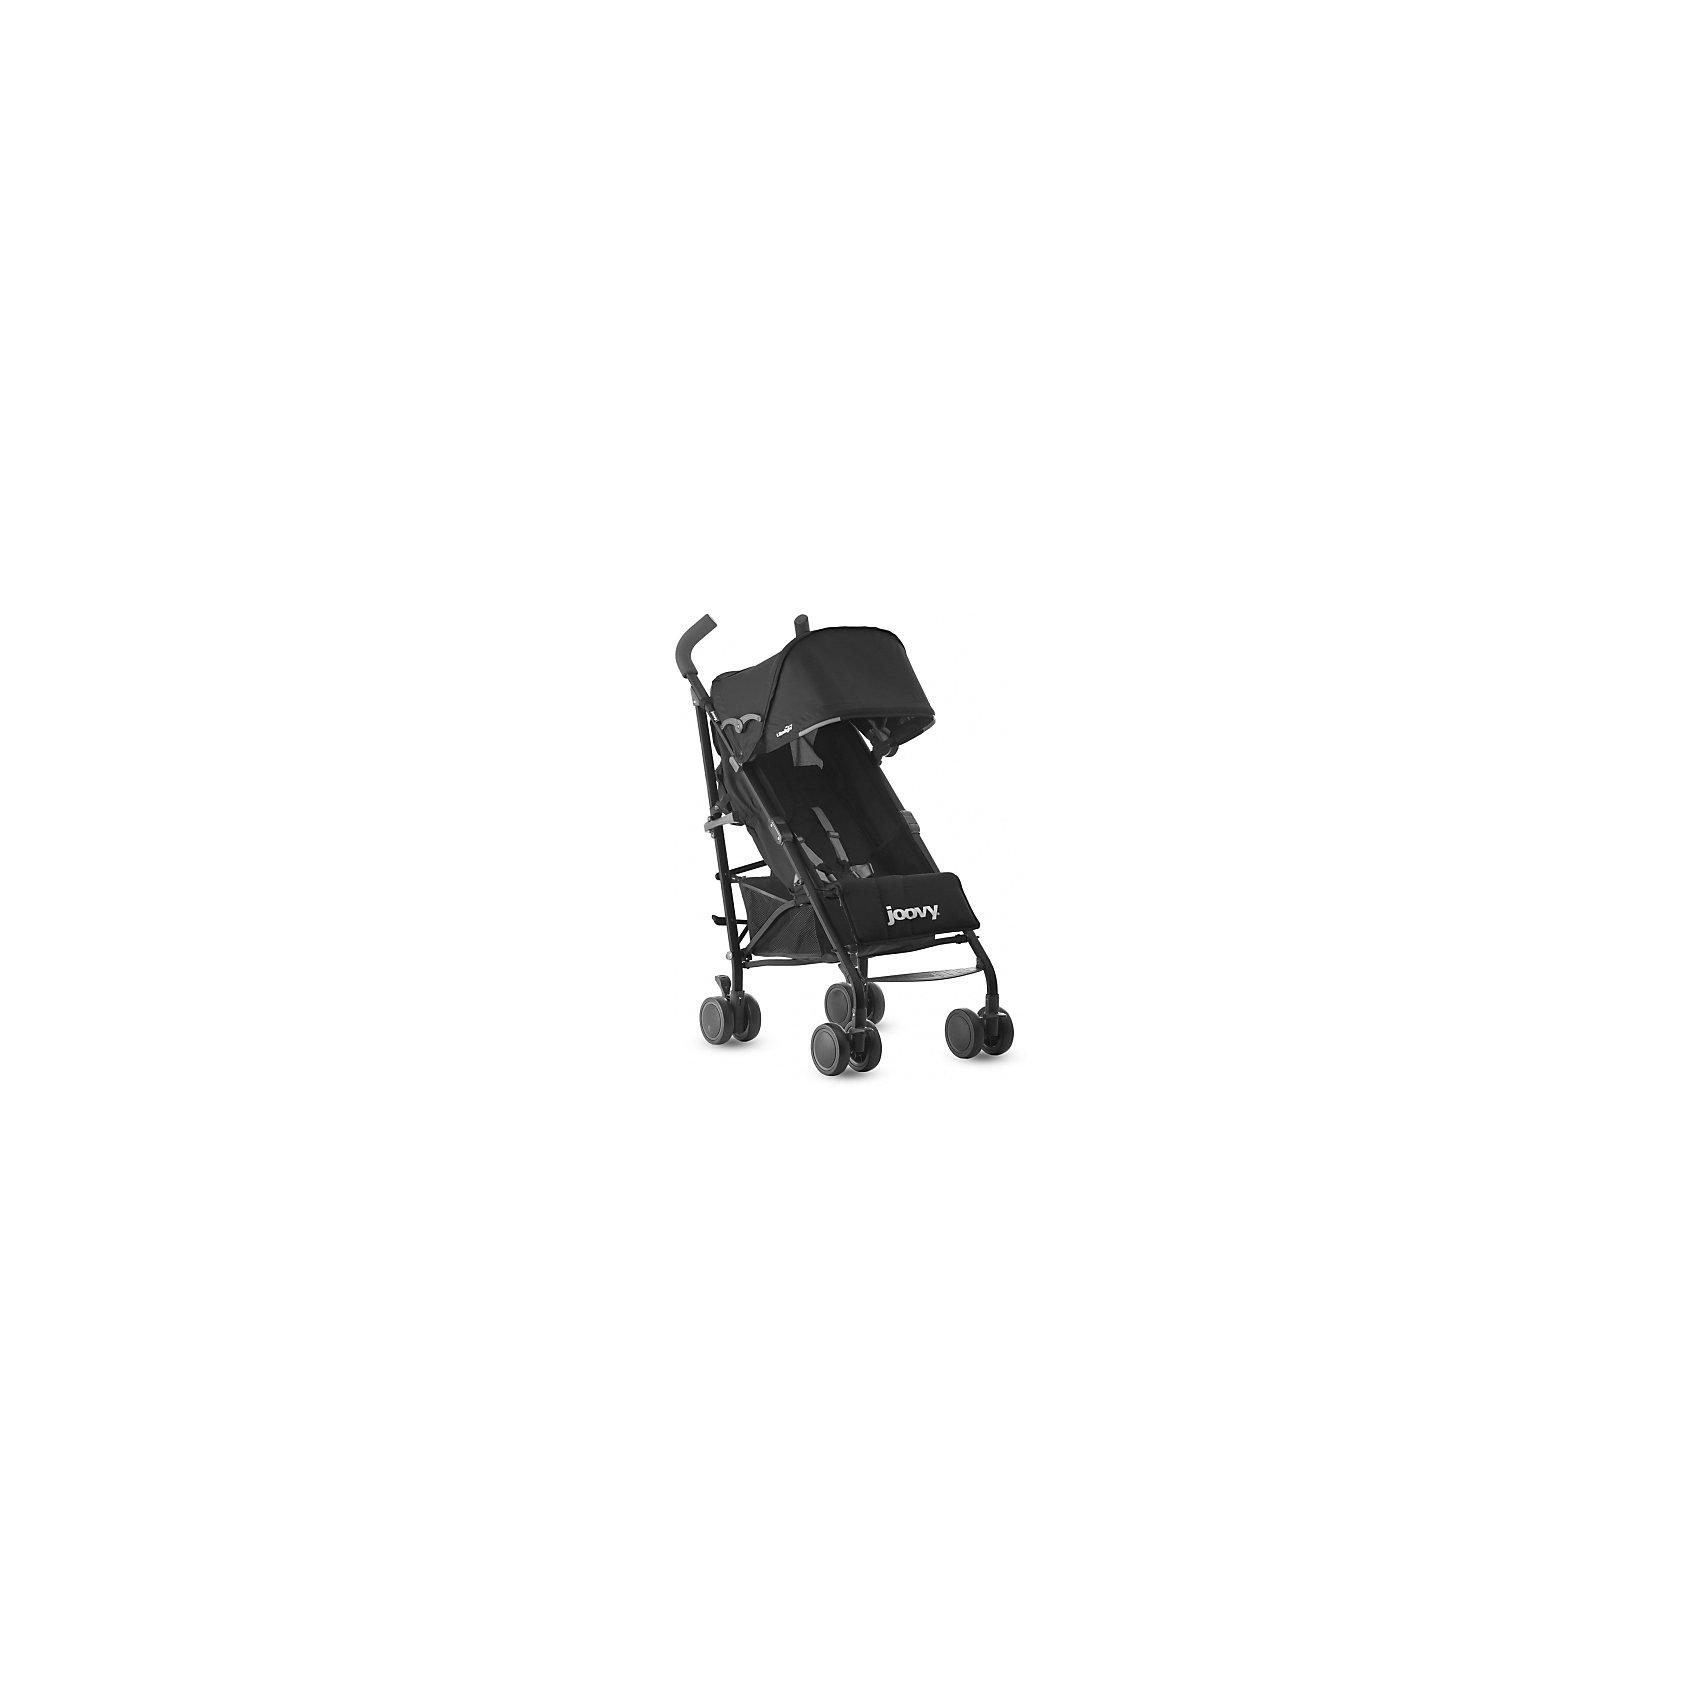 Коляска-трость Groove Ultralight, черный, JoovyКоляски-трости<br>Характеристики товара:<br><br>• возраст от 3 месяцев;<br>• регулируемый наклон спинки до положения в 170 градусов;<br>• большой капюшон для защиты от непогоды;<br>• смотровое окошко на капюшоне;<br>• сетчатые кармашки с внутренней стороны сидения;<br>• на задней части сетчатый отсек для бутылочки и карман на молнии;<br>• регулируемая подножка;<br>• длина спального места 81 см;<br>• 5-ти точечные ремни безопасности;<br>• светоотражающие элементы для безопасности в темное время суток;<br>• материал: полиэстер с водоотталкивающей пропиткой.<br><br>Коляска-трость Joovy Groove Ultralight черная — легкая и маневренная коляска, которая отлично подойдет для прогулок по городу, парку, походов в торговый центр, поездок на природу и путешествий. Большой капюшон надежно защитит от дождя и солнца. Для родителей предусмотрены удобные отделения для вещей: кармашек на молнии и сетчатый отсек на задней части капюшона. Для малыша с внутренней стороны сидения имеются кармашки для бутылочки или любимых игрушек. Складывается коляска одной рукой, что позволяет легко и быстро сложить ее, даже держа в другой руке малыша. В сложенном виде переносится при помощи удобного плечевого ремешка.<br><br>Шасси коляски:<br><br>• облегченная алюминиевая рама;<br>• тип складывания: трость;<br>• складывание одной рукой;<br>• все колеса сдвоенные, передние поворотные с блокировкой;<br>• диаметр колес 12 см;<br>• тип колес: полиуретановые;<br>• ширина колесной базы 50 см;<br>• стояночный тормоз-педаль;<br>• амортизаторы на передних колесах;<br>• вместительная сетчатая корзина для покупок;<br>• максимальная нагрузка на корзину 5 кг.<br><br>Размер коляски в разложенном виде 104х85х50 см<br>Размер коляски в сложенном виде 102х33х32 см<br>Вес коляски 6,3 кг<br>Размер упаковки 102х33х32 см<br>Вес упаковки 6,3 кг<br><br>Комплектация:<br><br>• прогулочный блок;<br>• ремень для переноски;<br>• инструкция.<br><br>Коляску-трость Joovy Groove Ultraligh